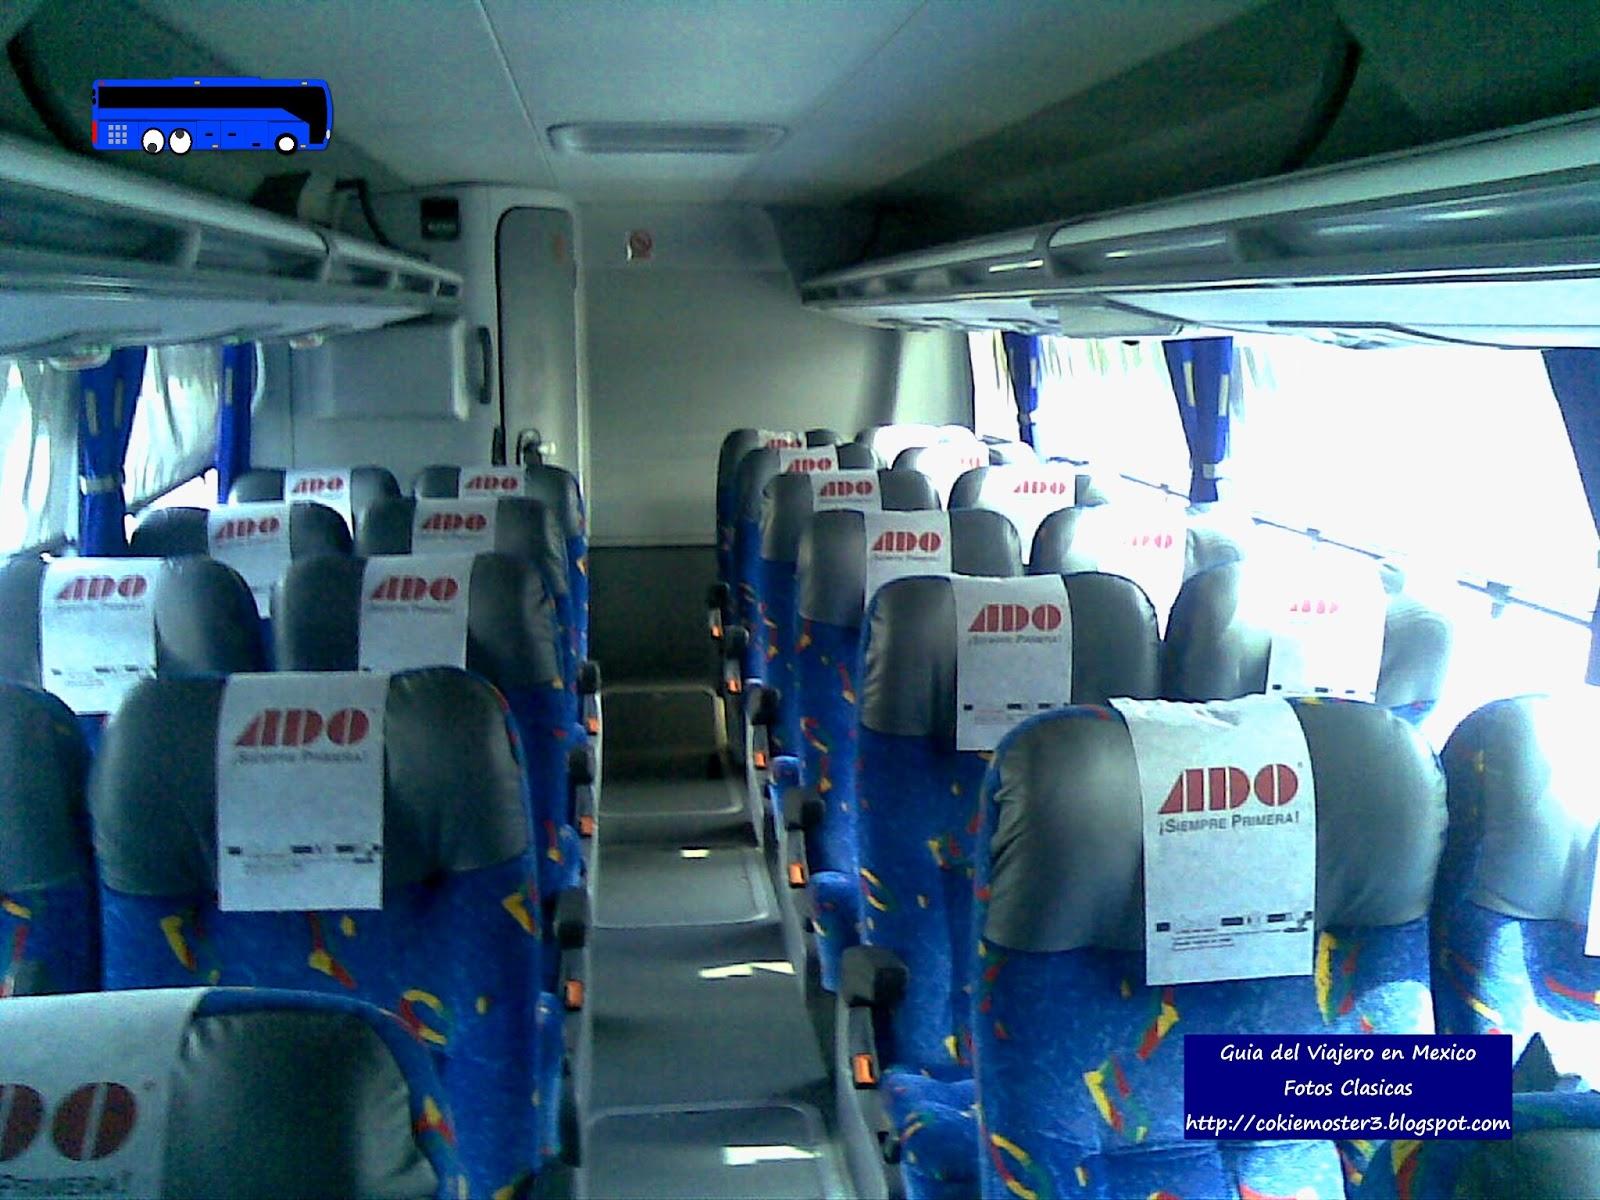 Gua del Viajero en Mxico Tipos de servicio en Autobus